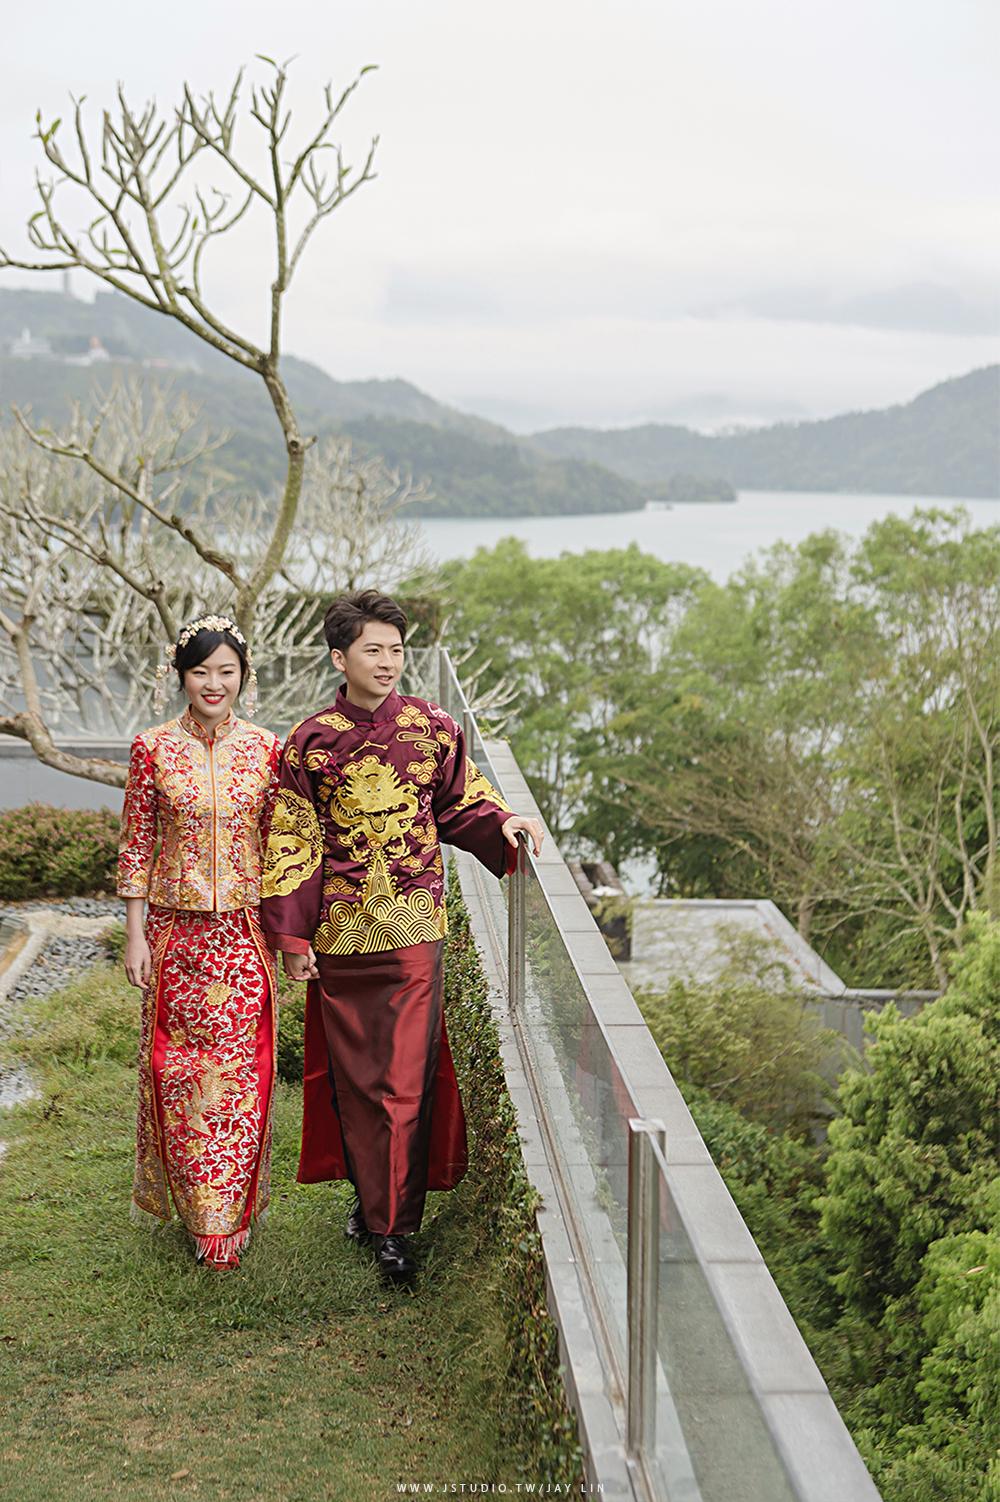 婚攝 日月潭 涵碧樓 戶外證婚 婚禮紀錄 推薦婚攝 JSTUDIO_0044